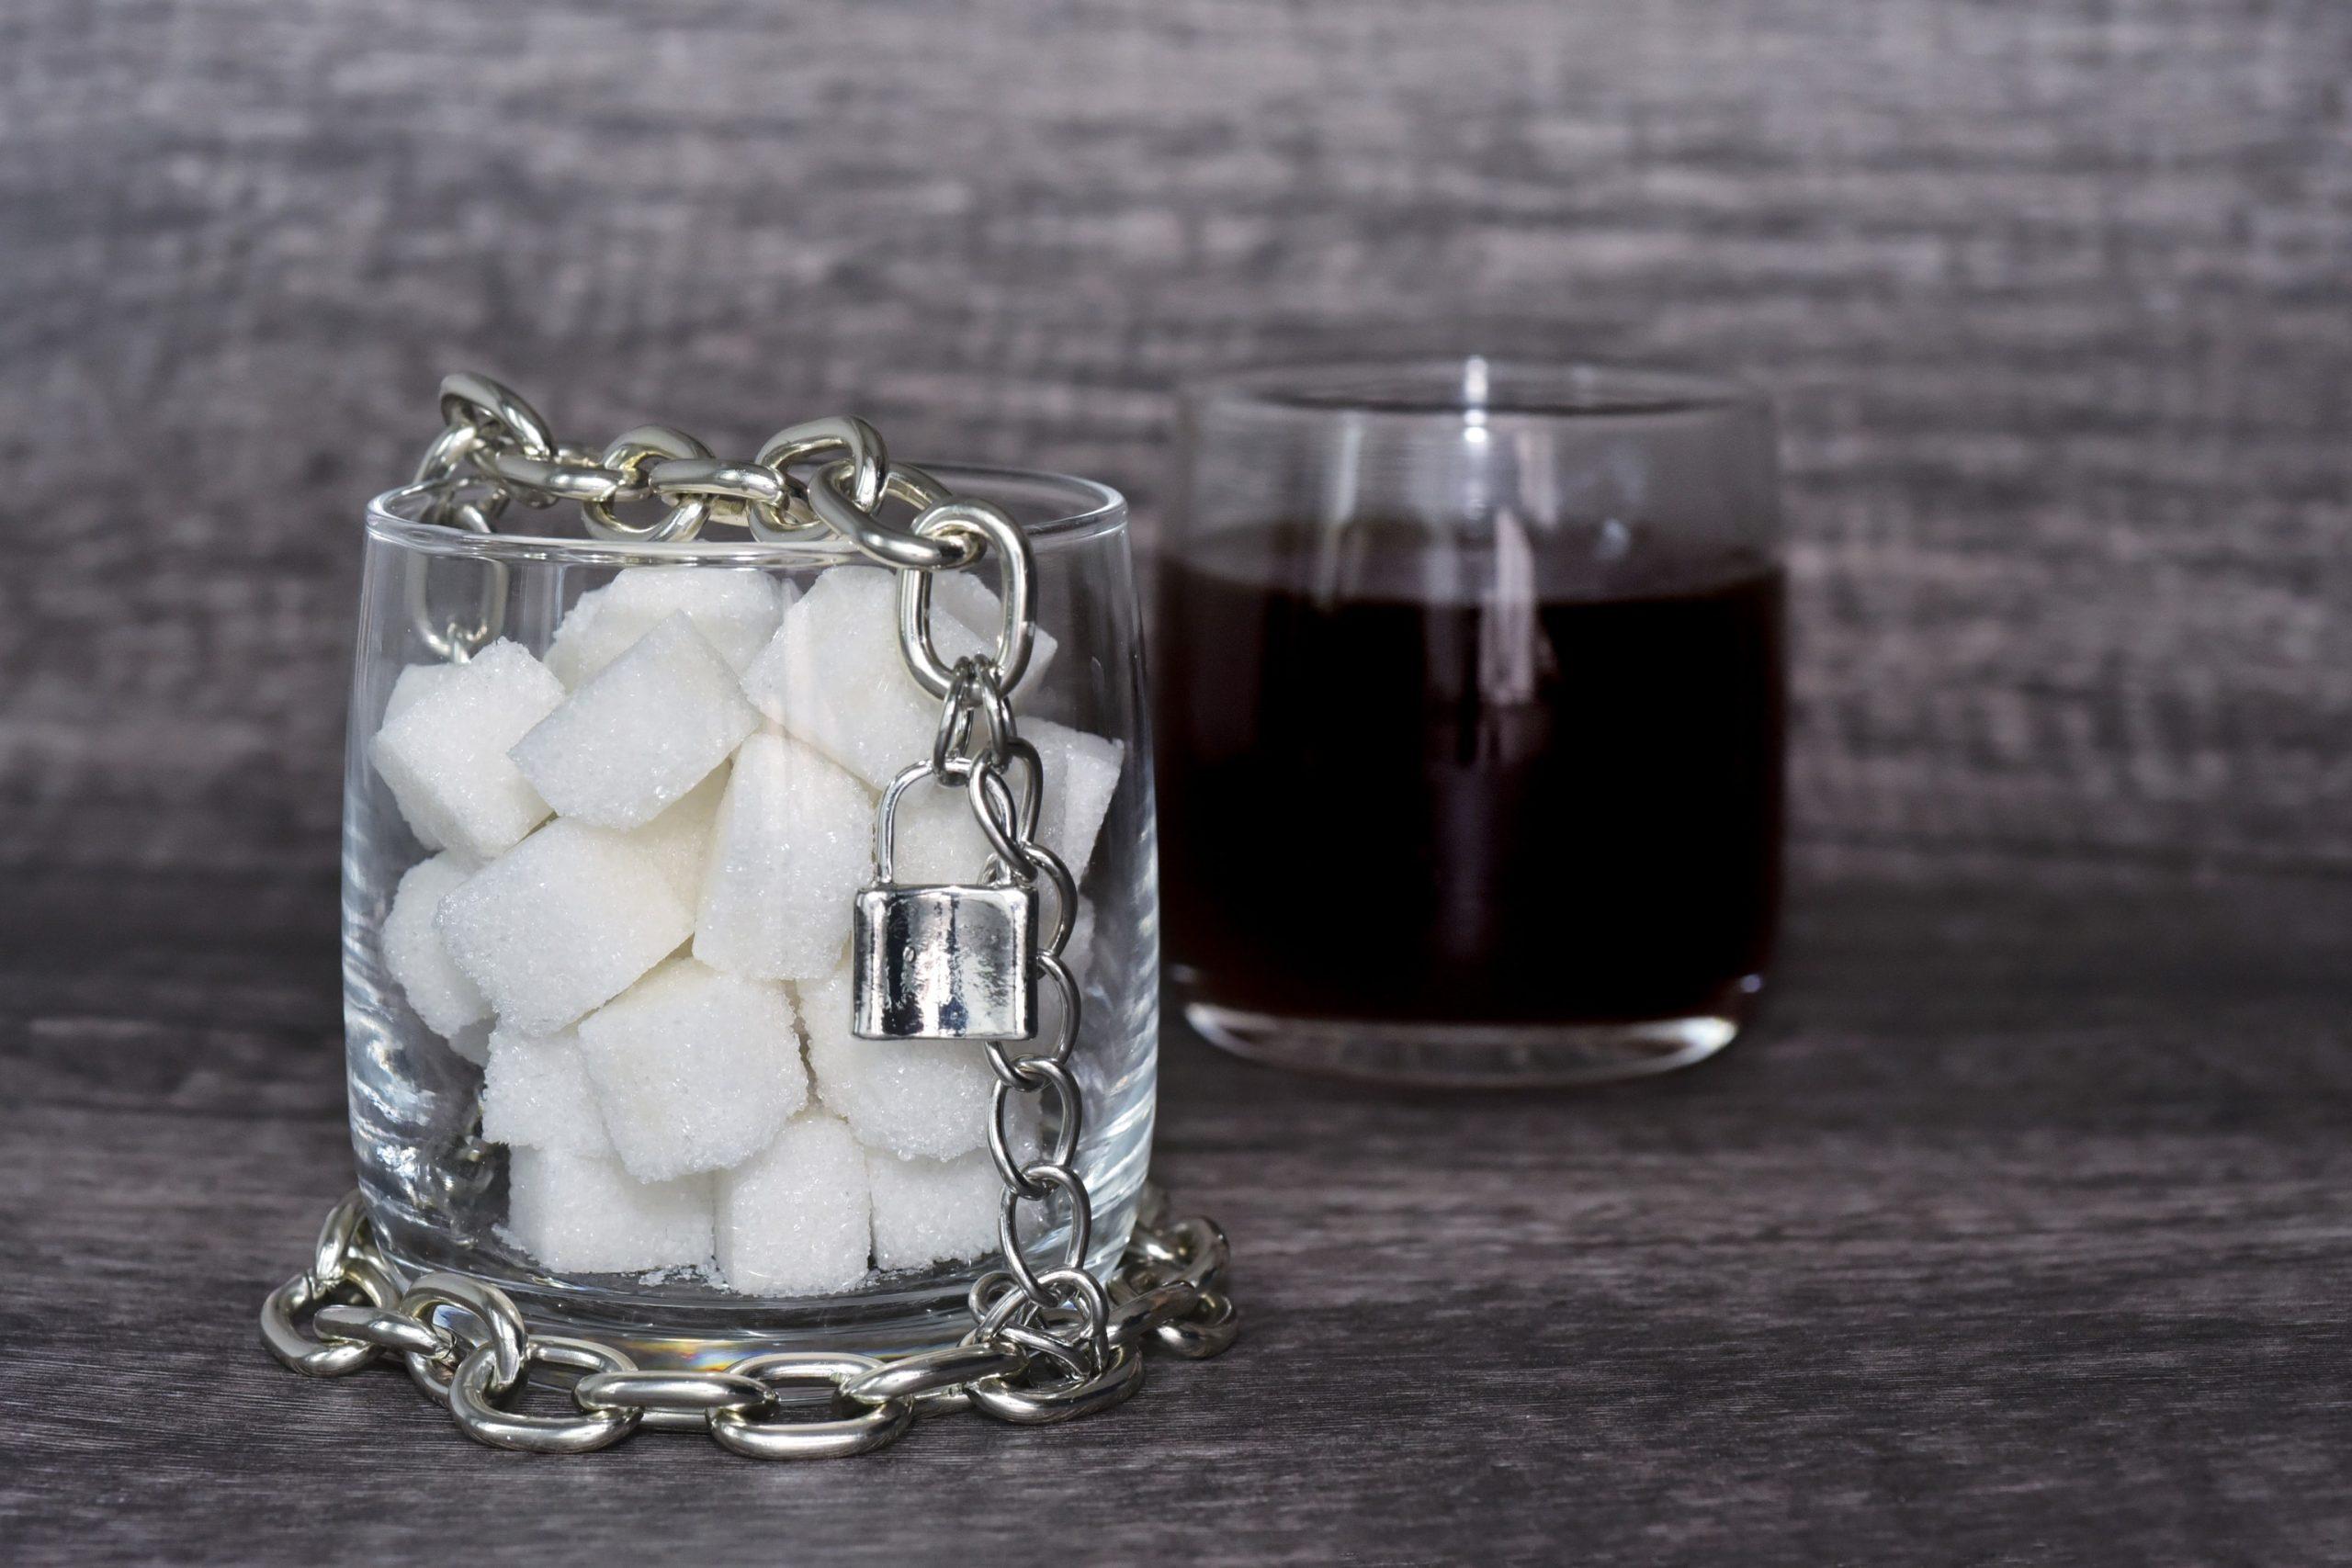 Ein mit Zuckerwürfeln gefülltes Glas mit Kette und Vorhängeschloss, dahinter ein Glas mit Kaffee